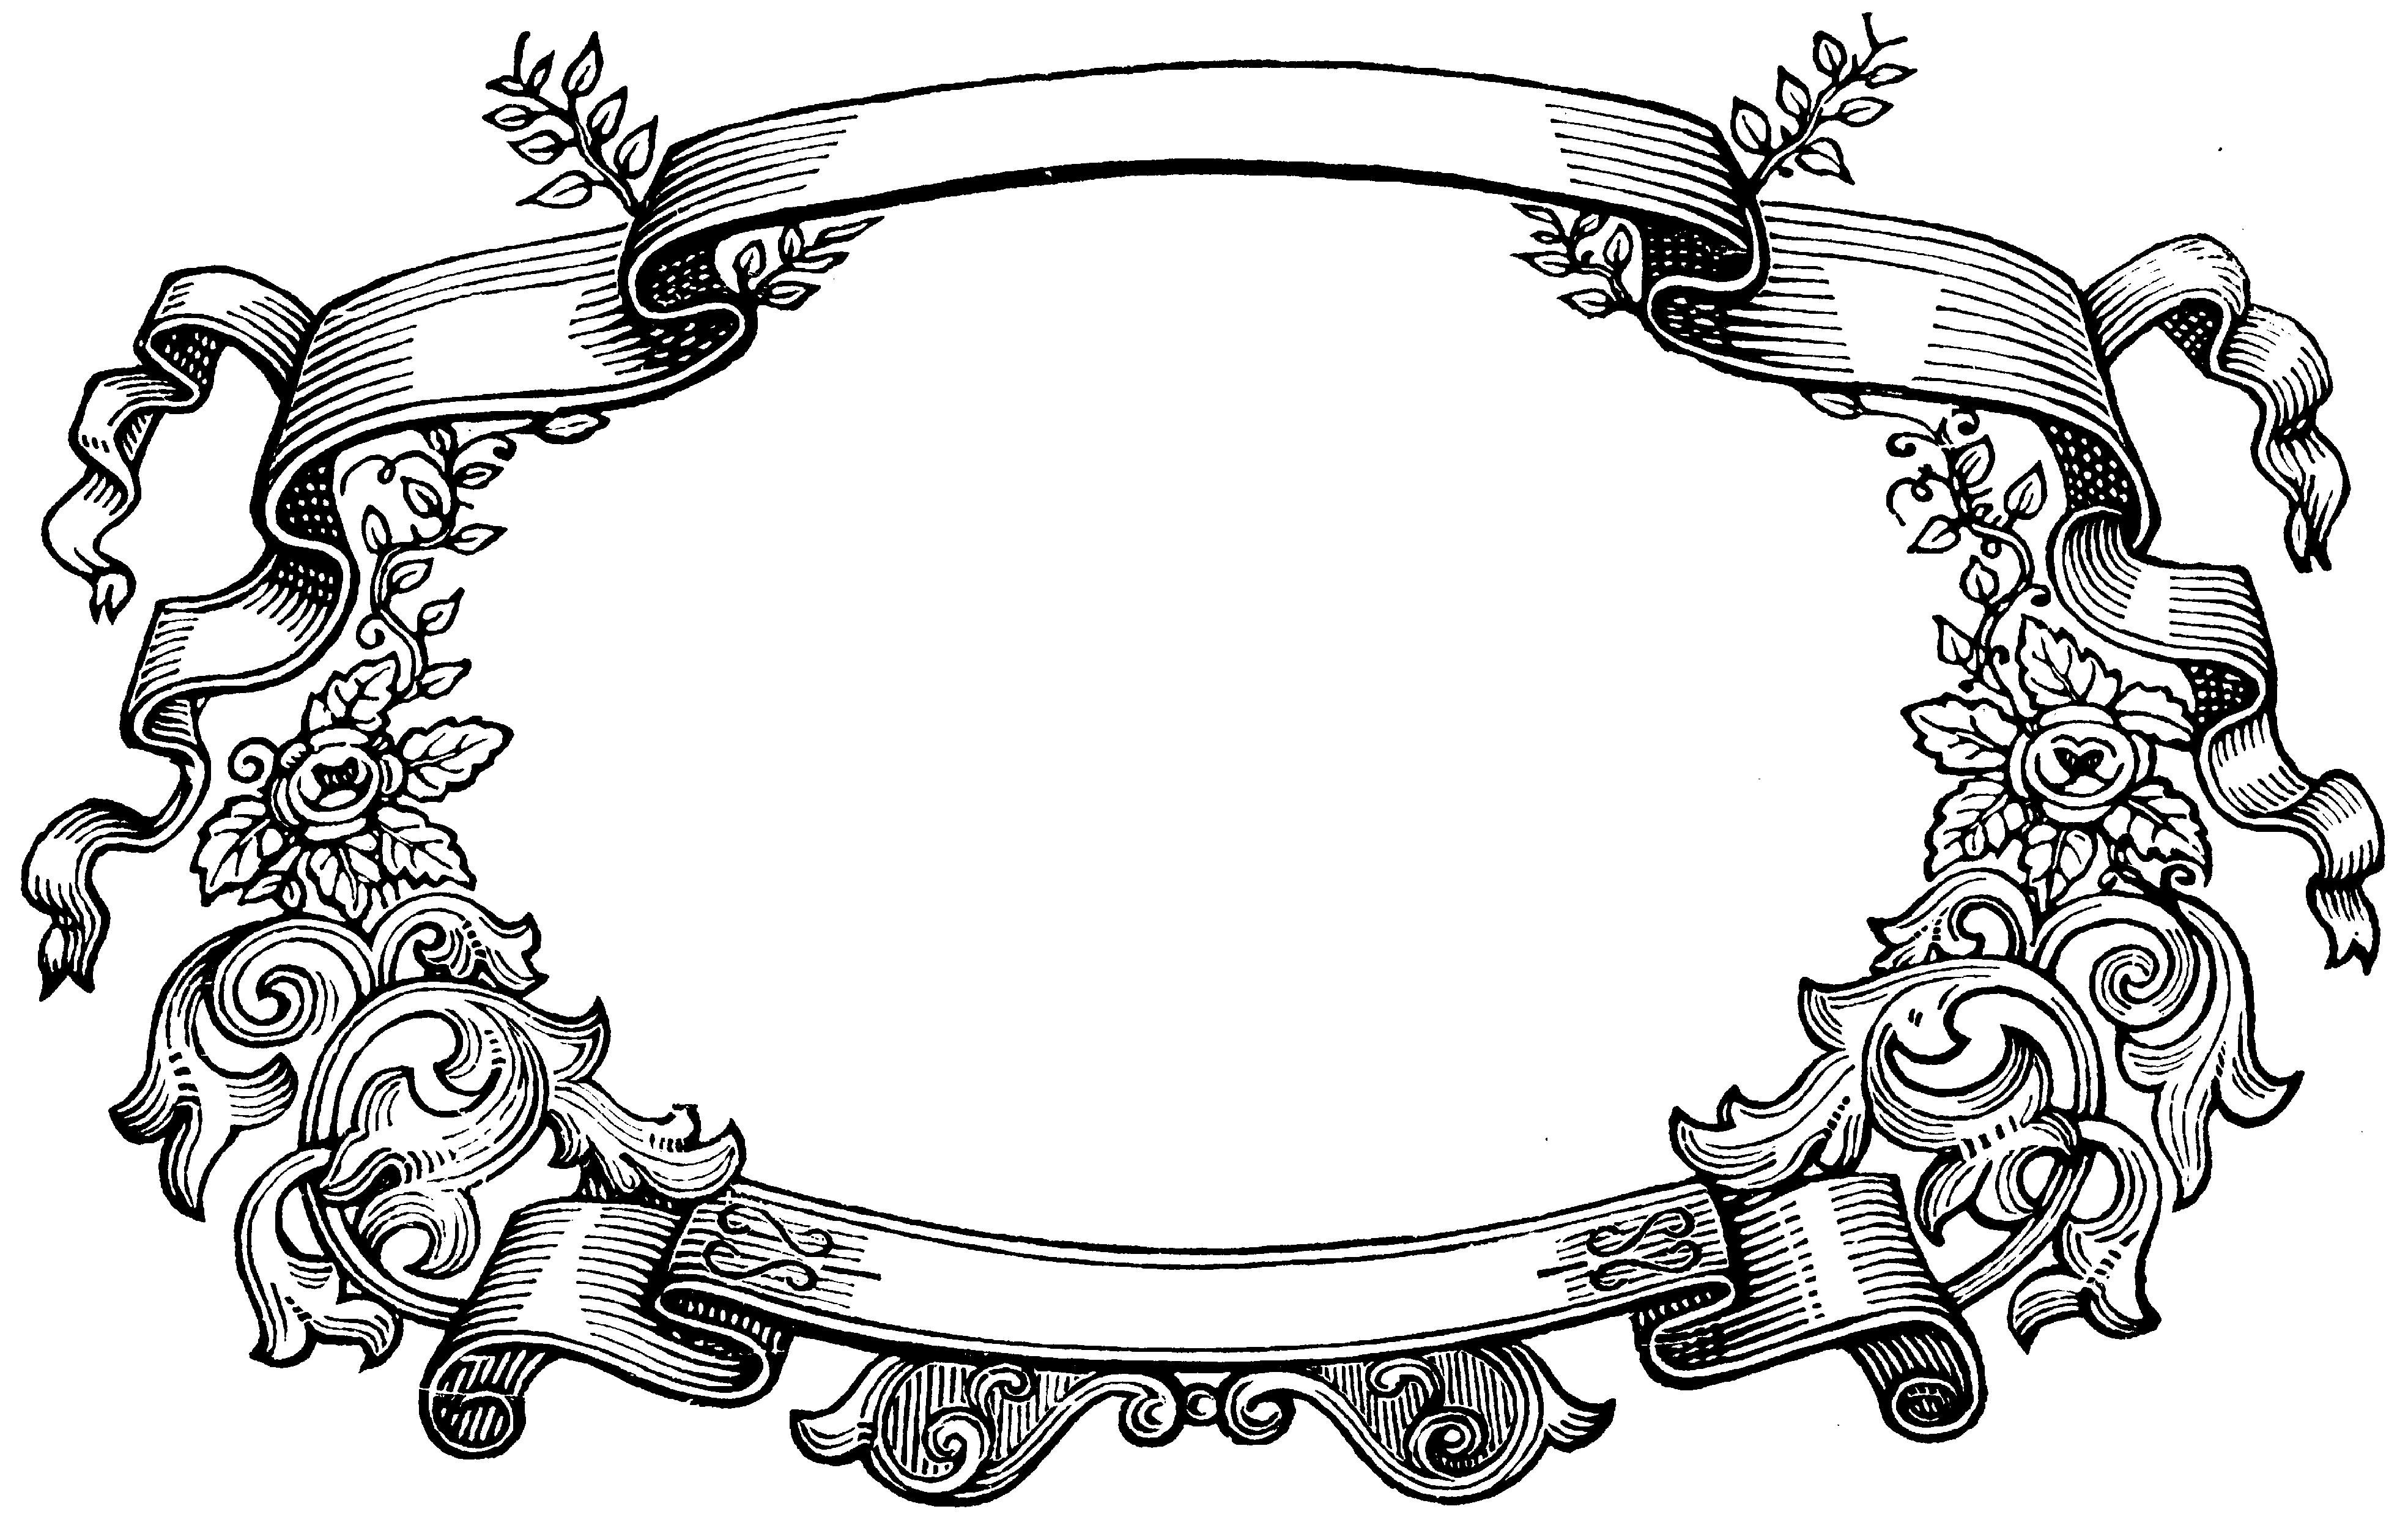 Поздравлением, картинка с полем для надписи